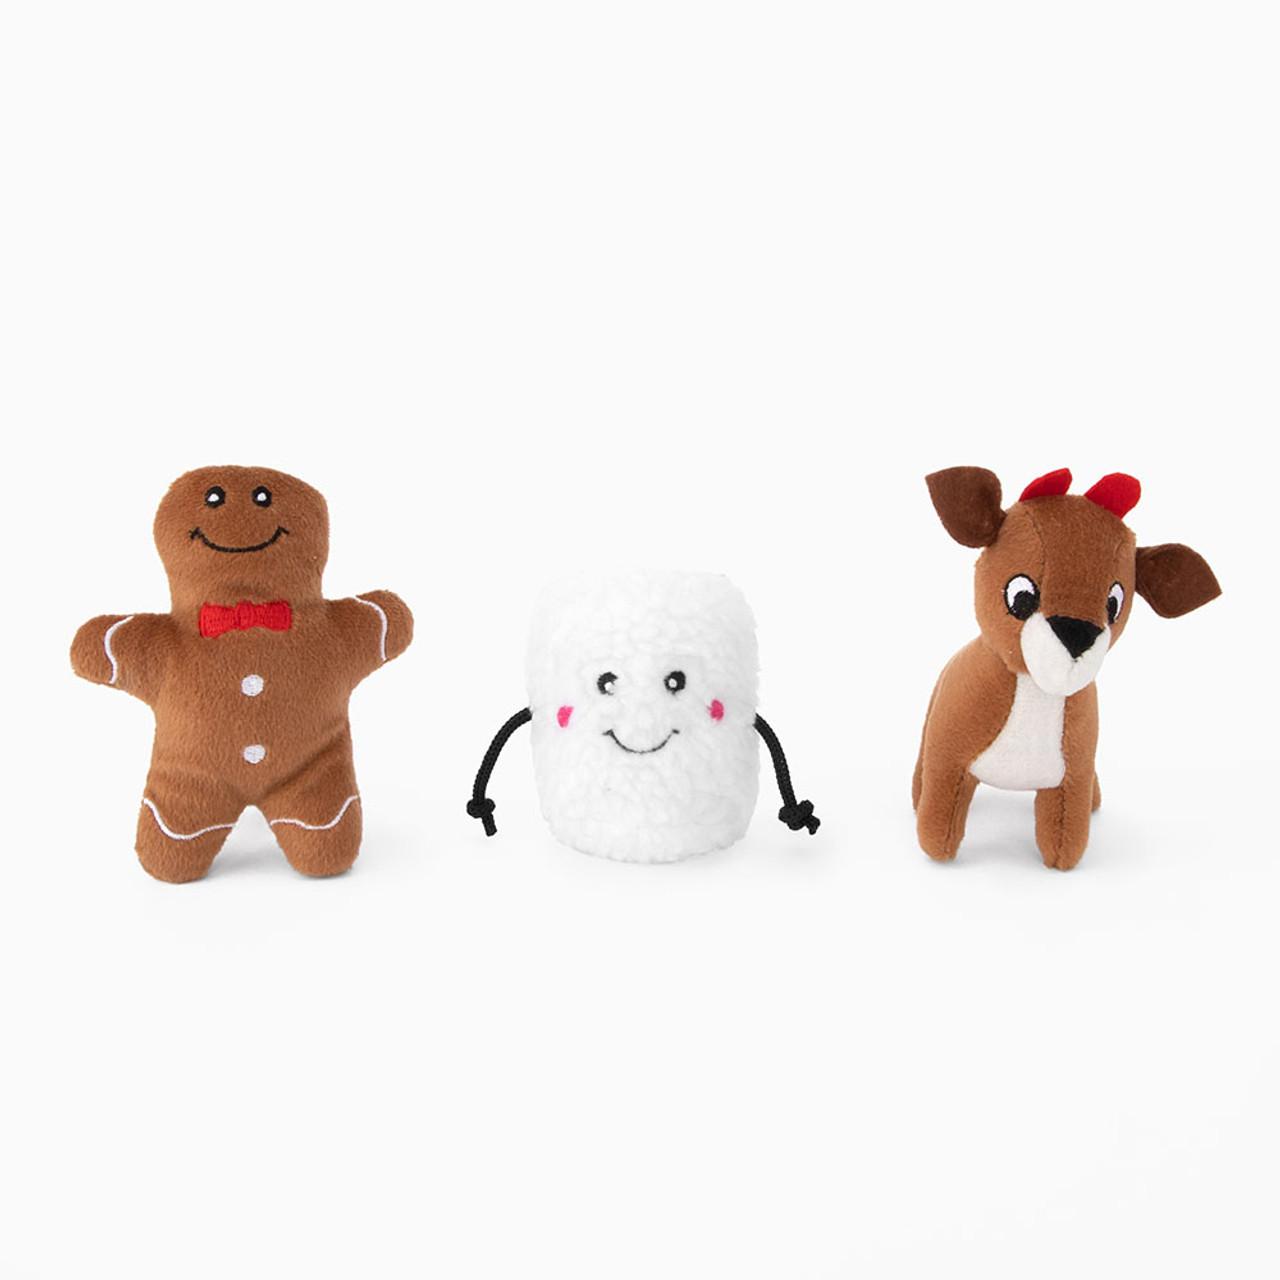 ZippyPaws Christmas Miniz Santa's Friends Plush Squeaky Dog Toy